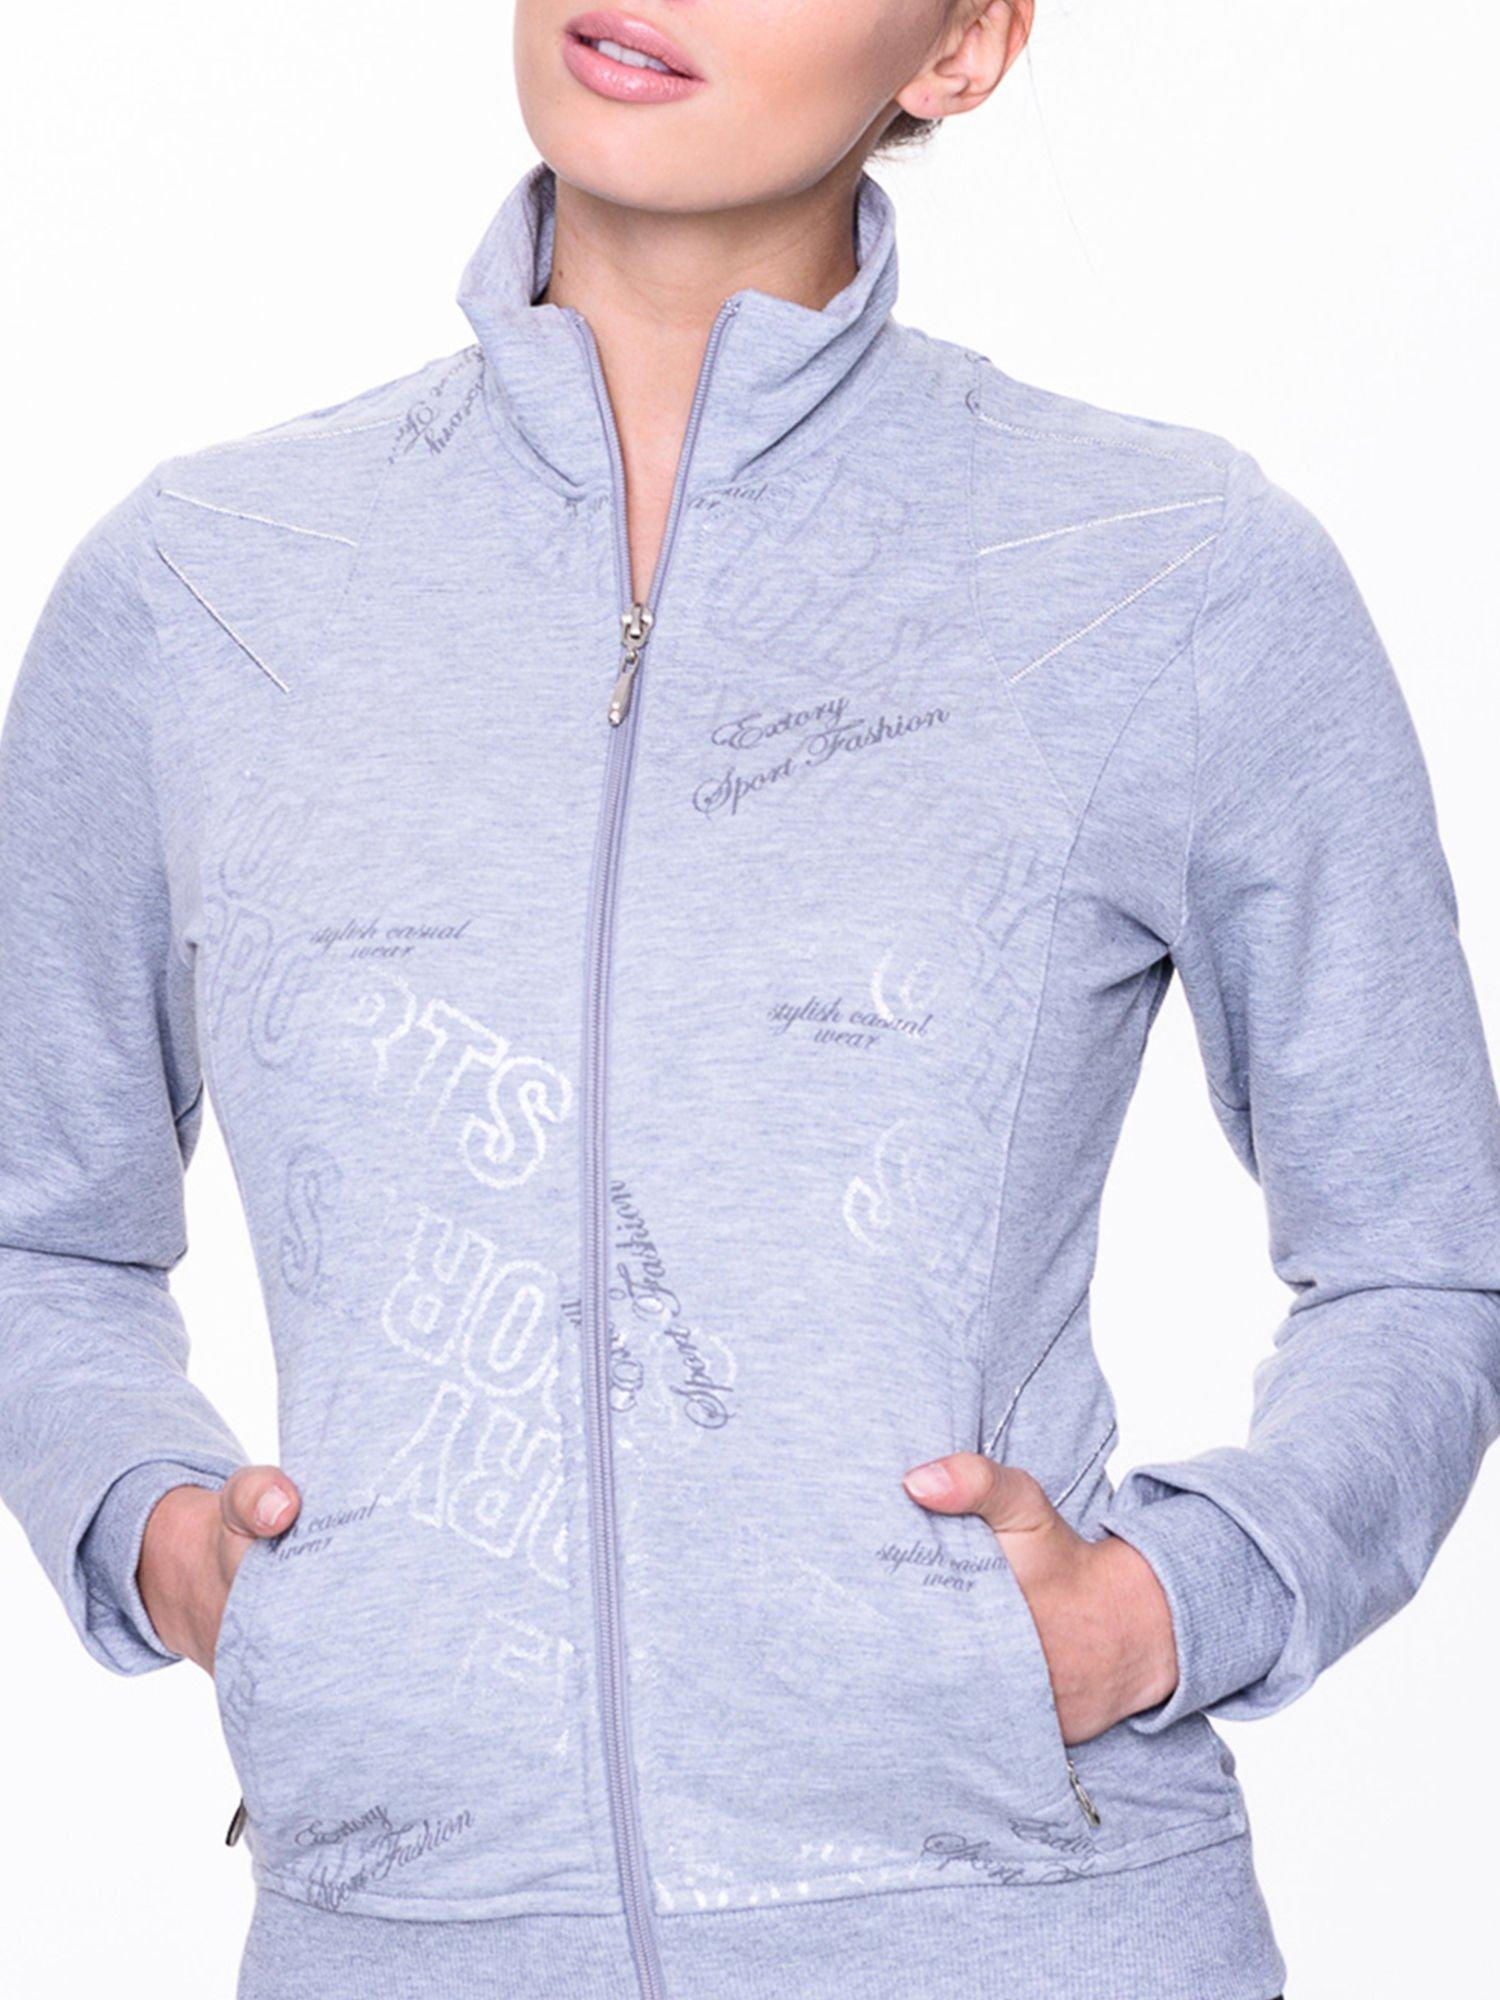 Szara bluza sportowa z logo EXTORY                                  zdj.                                  4